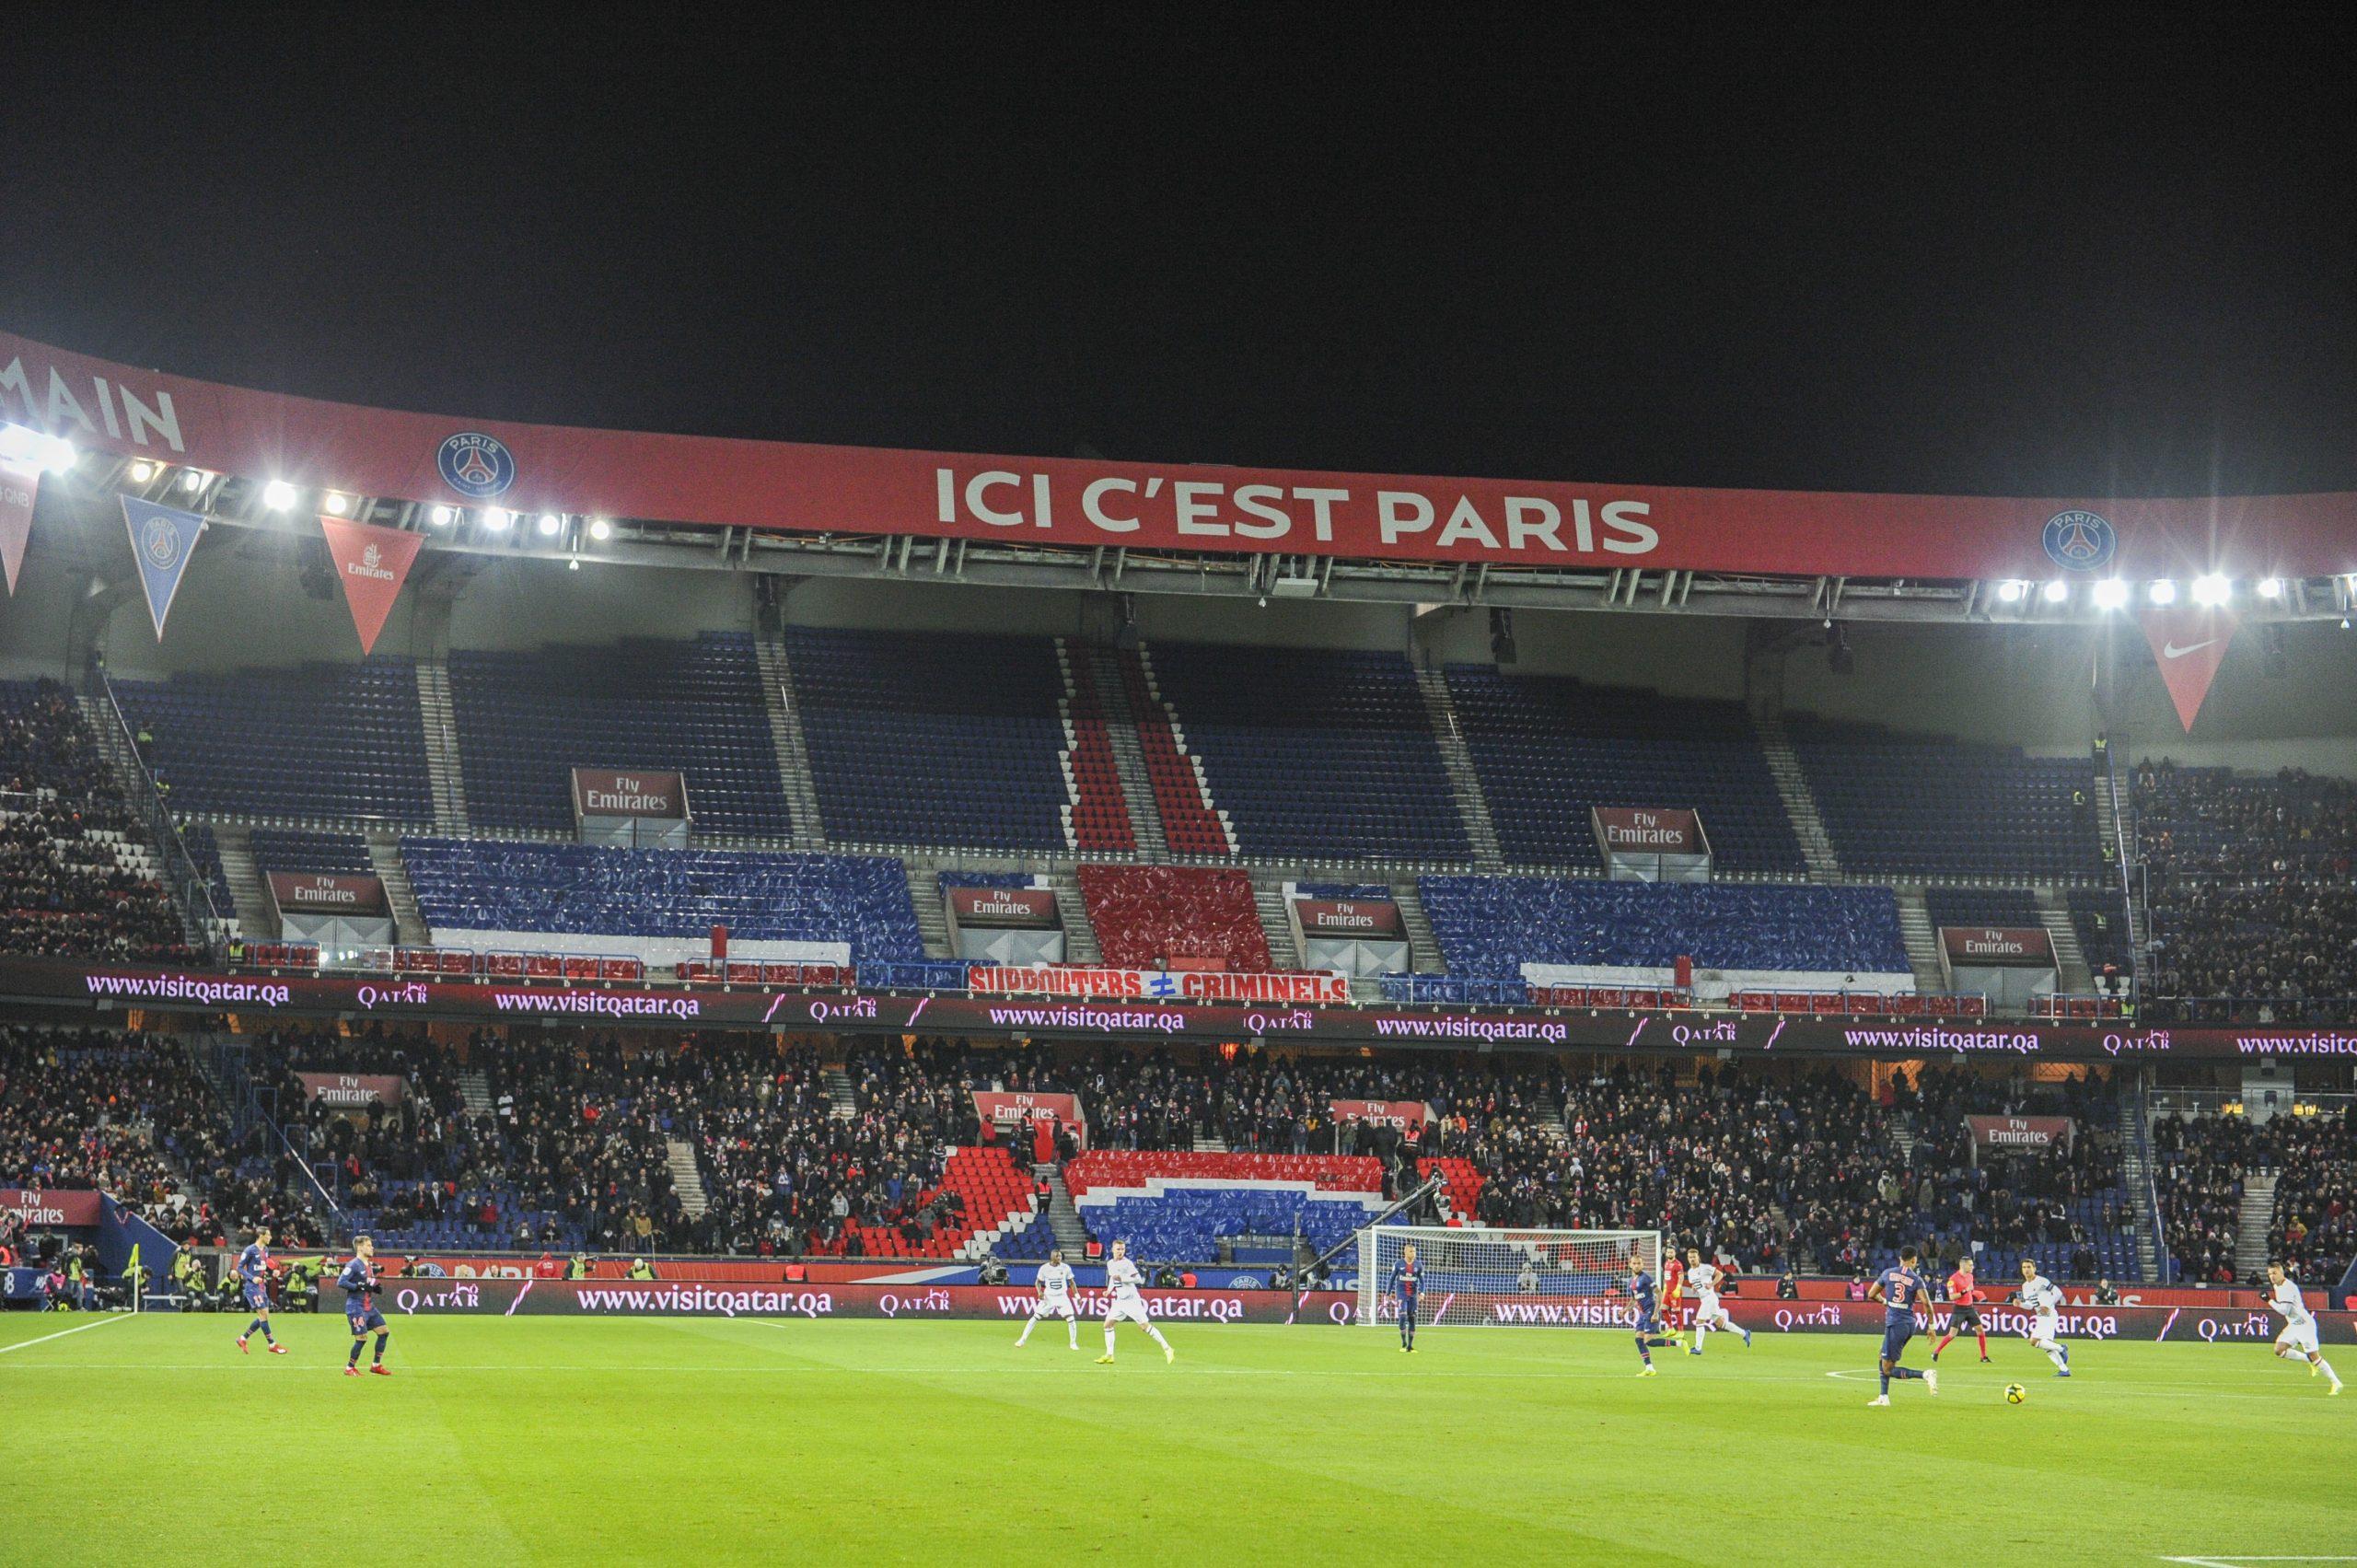 Les clubs pourraient donner des avoirs pour éviter de rembourser les billets et abonnements